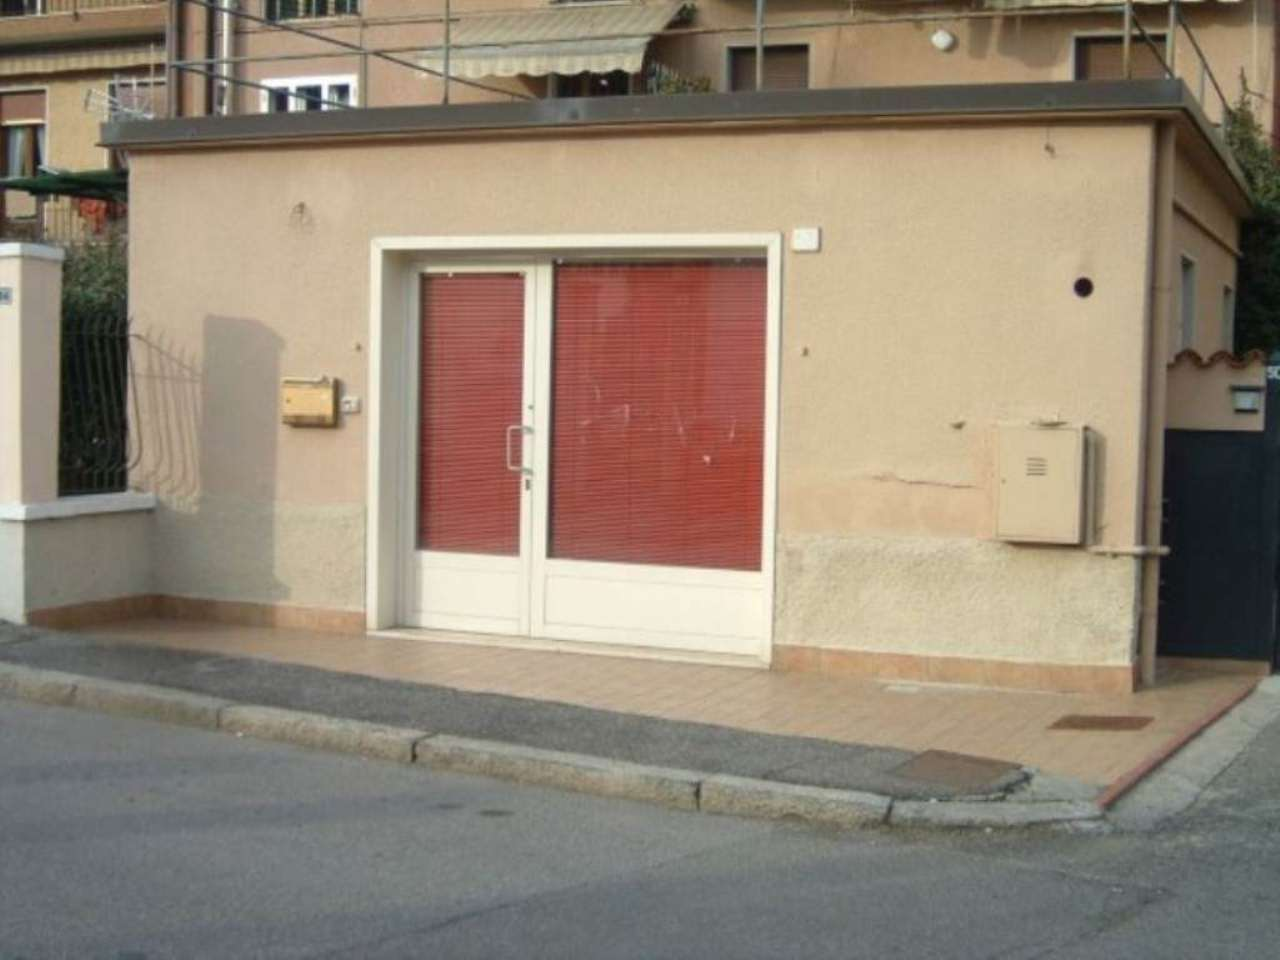 Negozio / Locale in vendita a Brescia, 3 locali, prezzo € 70.000 | Cambio Casa.it